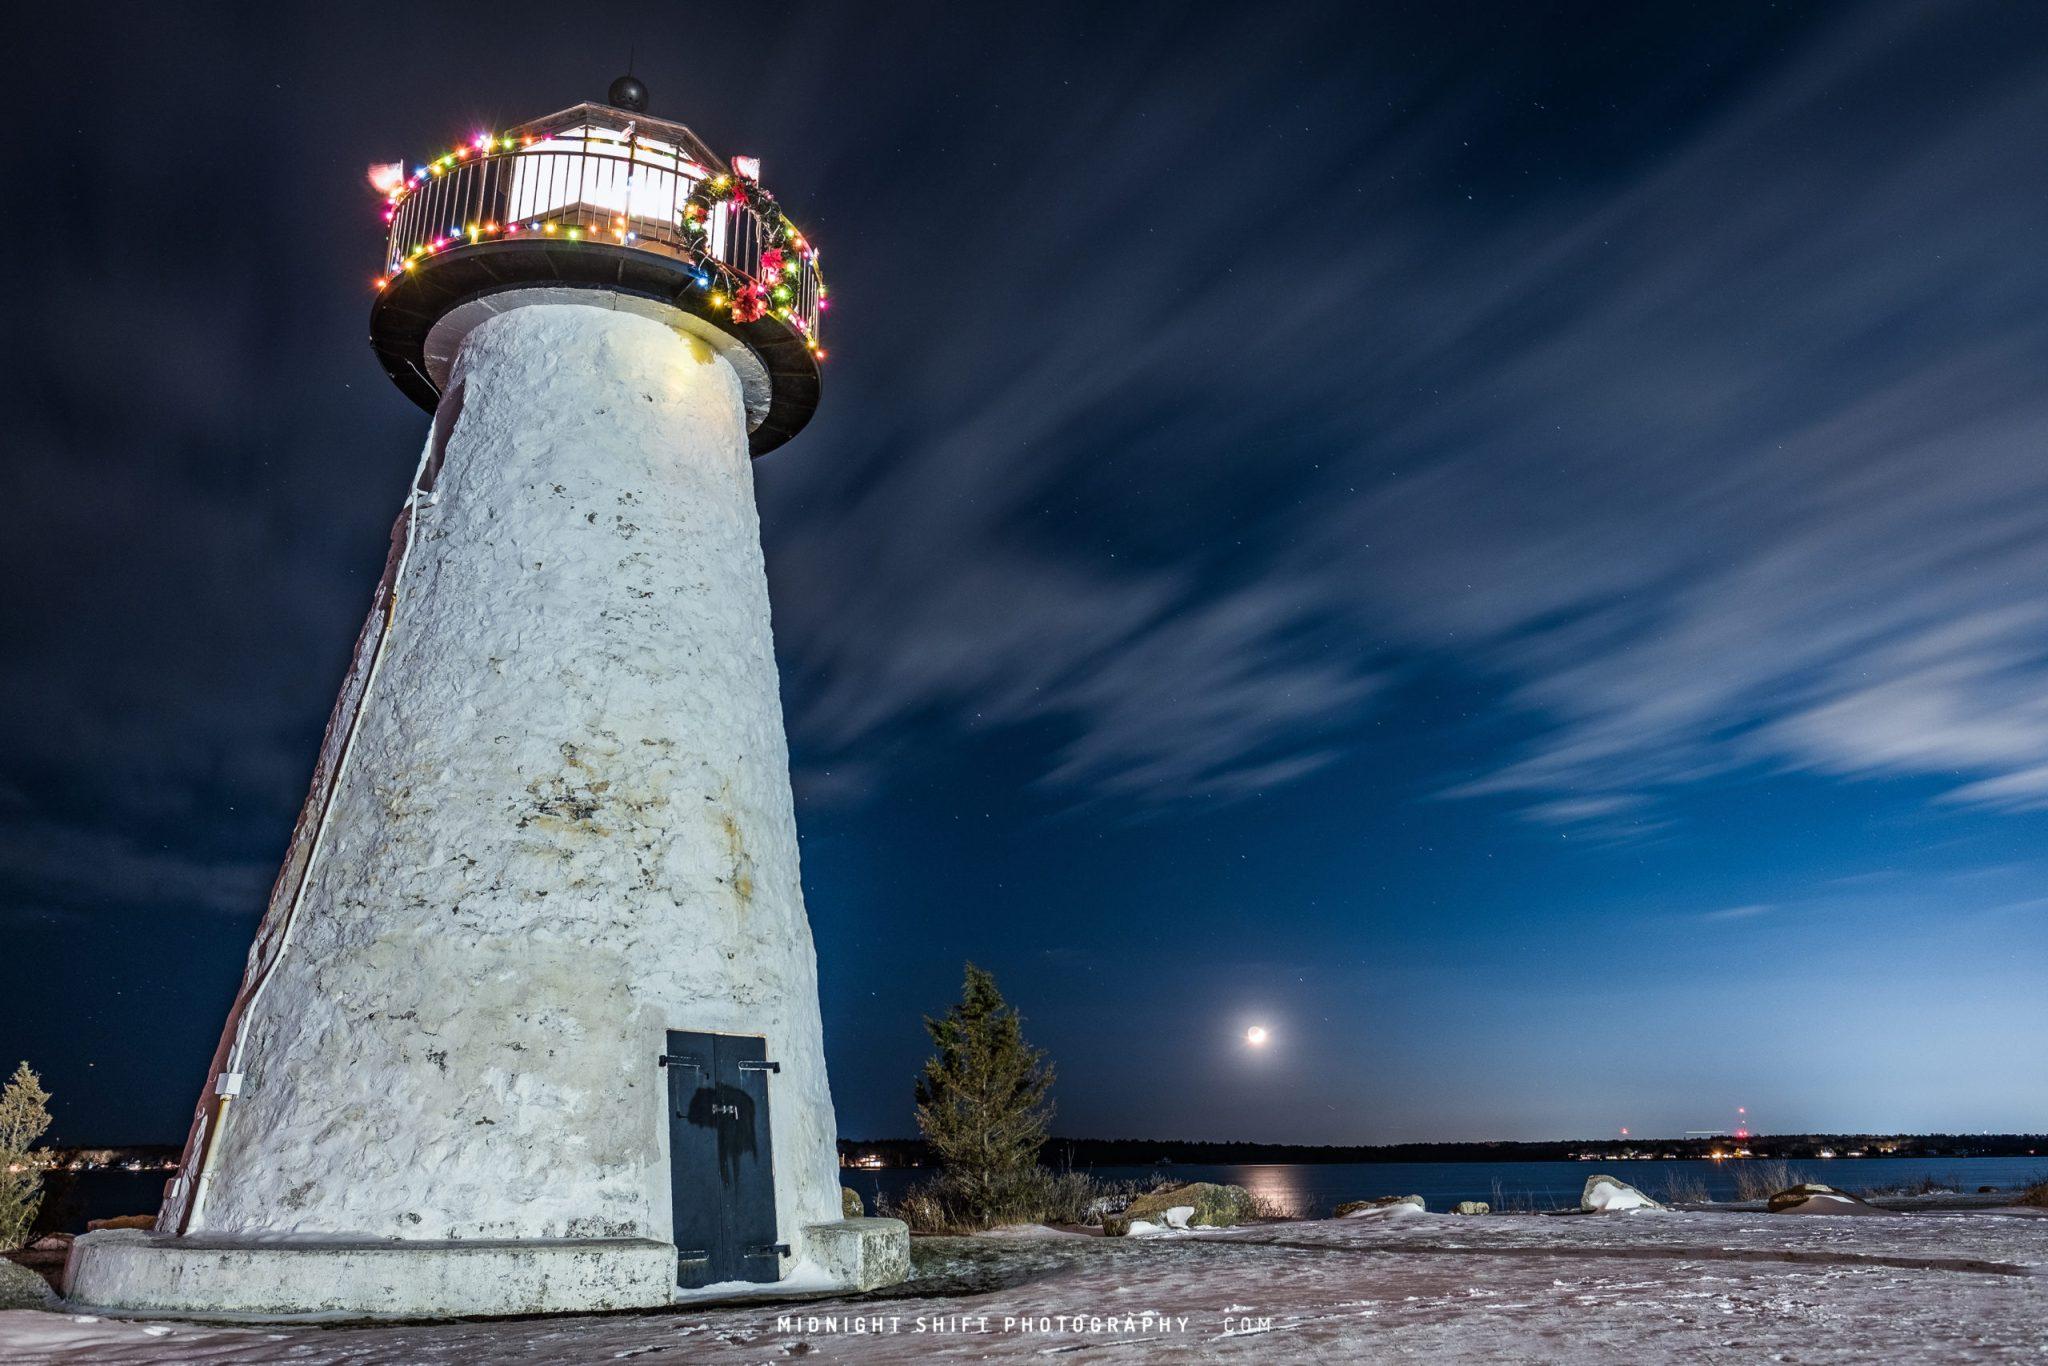 A Waxing Crescent Moon can be seen behind Neds Lighthouse in Mattapoisett, Massachusetts